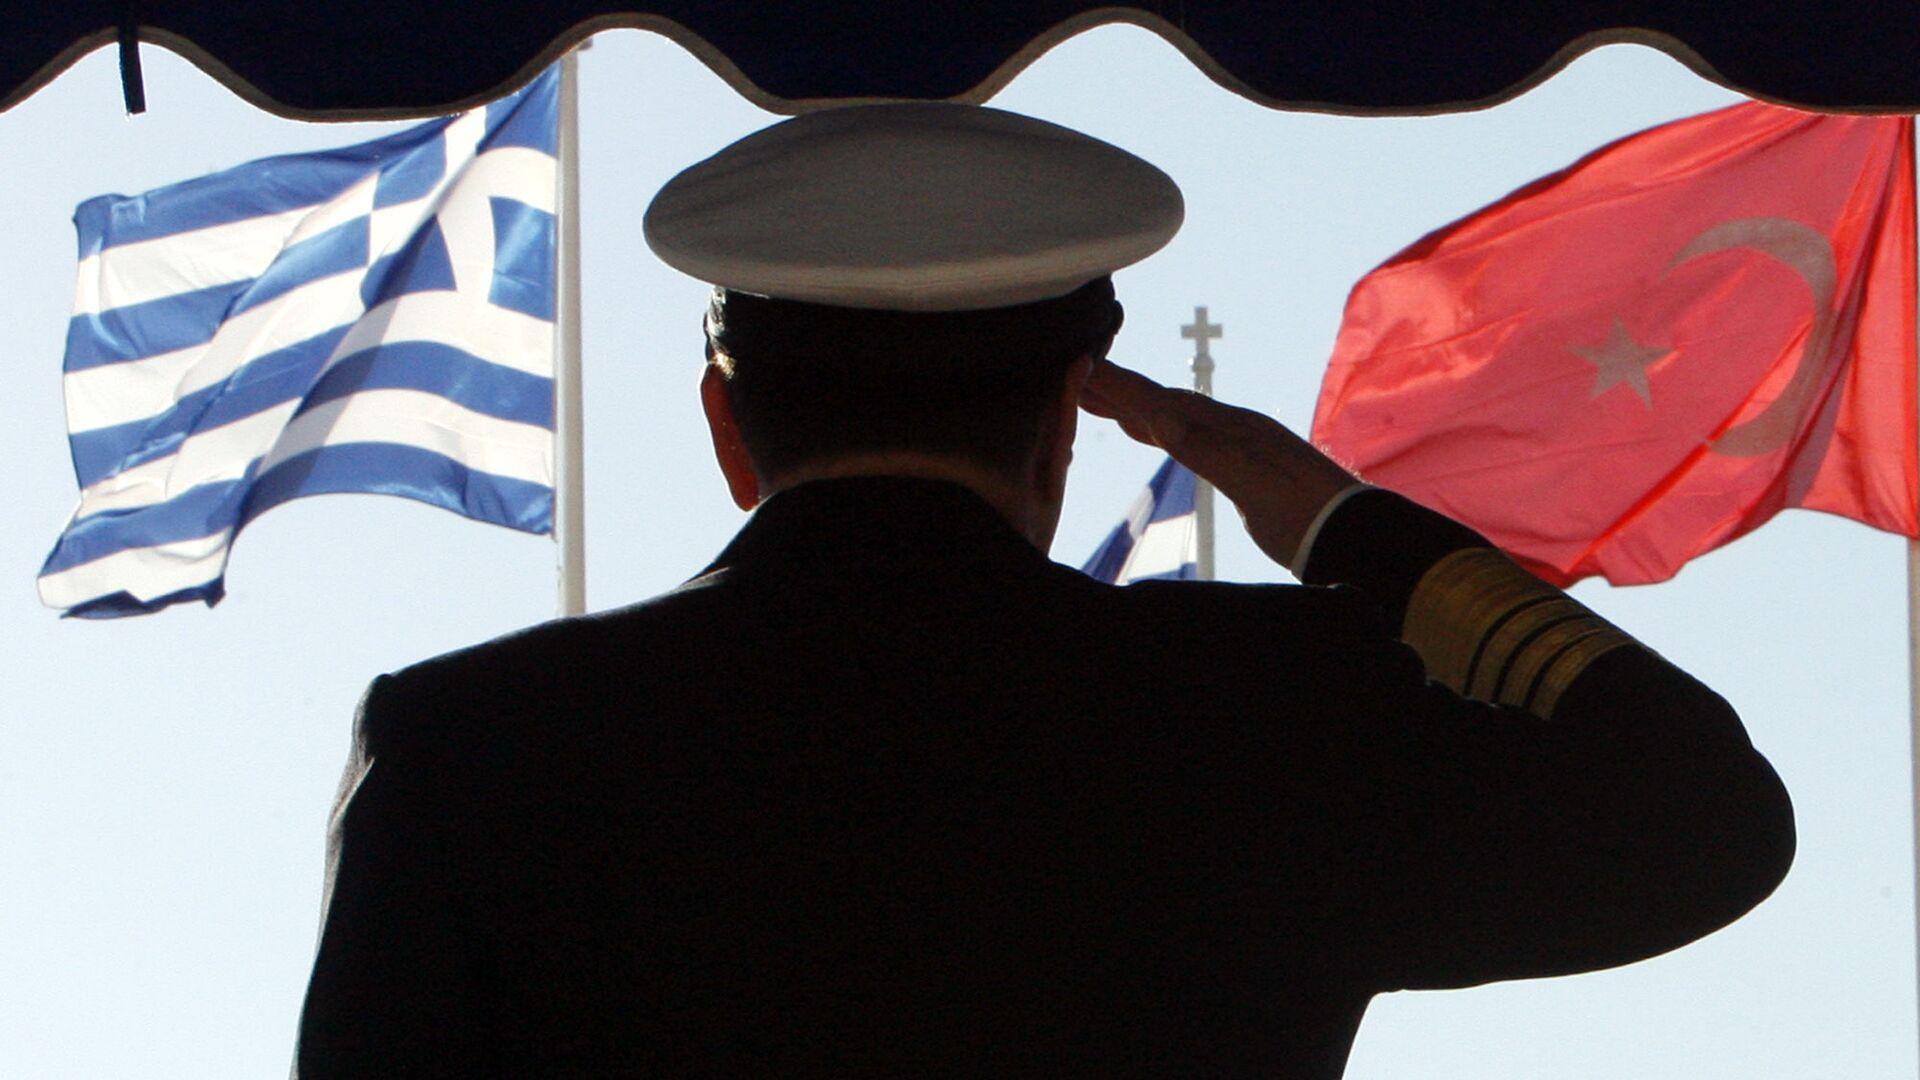 Un militare sullo sfondo delle brandiere della Grecia e della Turchia - Sputnik Italia, 1920, 31.05.2021